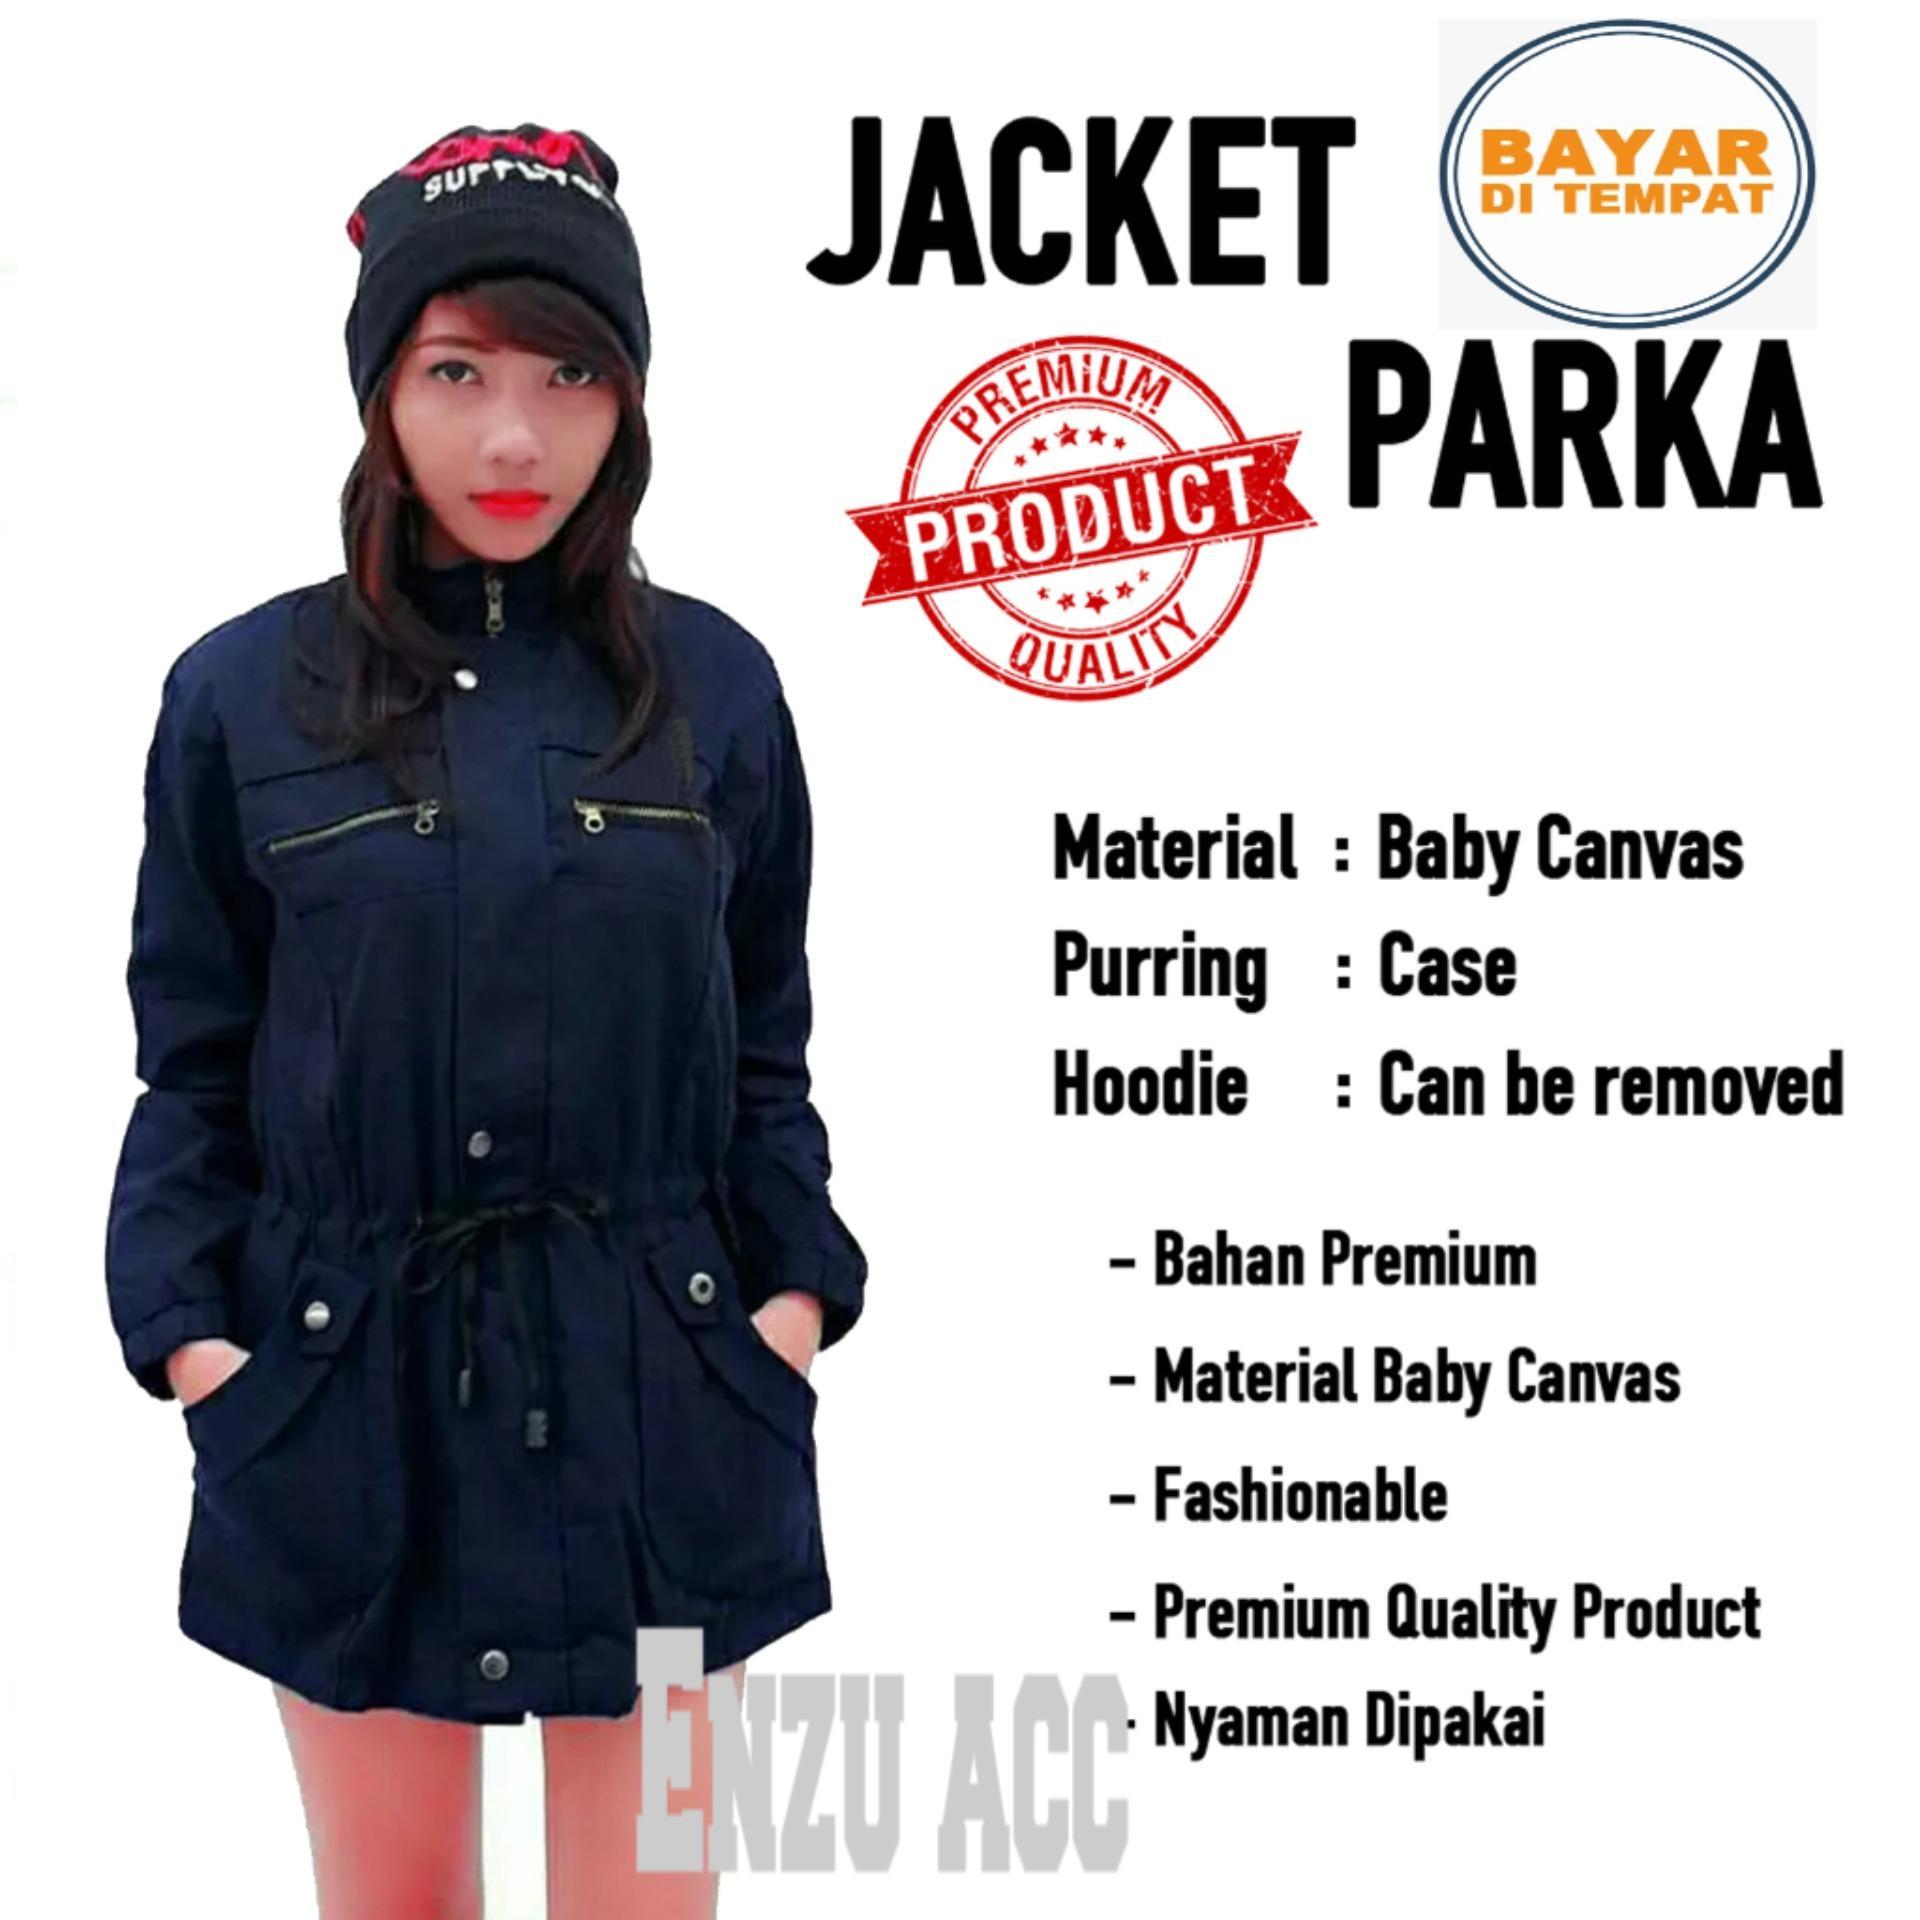 Pusat Jual Beli Enzu Acc Jaket Parka Wanita Baby Canvas Premium Bolak Balik Biru Dongker Dki Jakarta